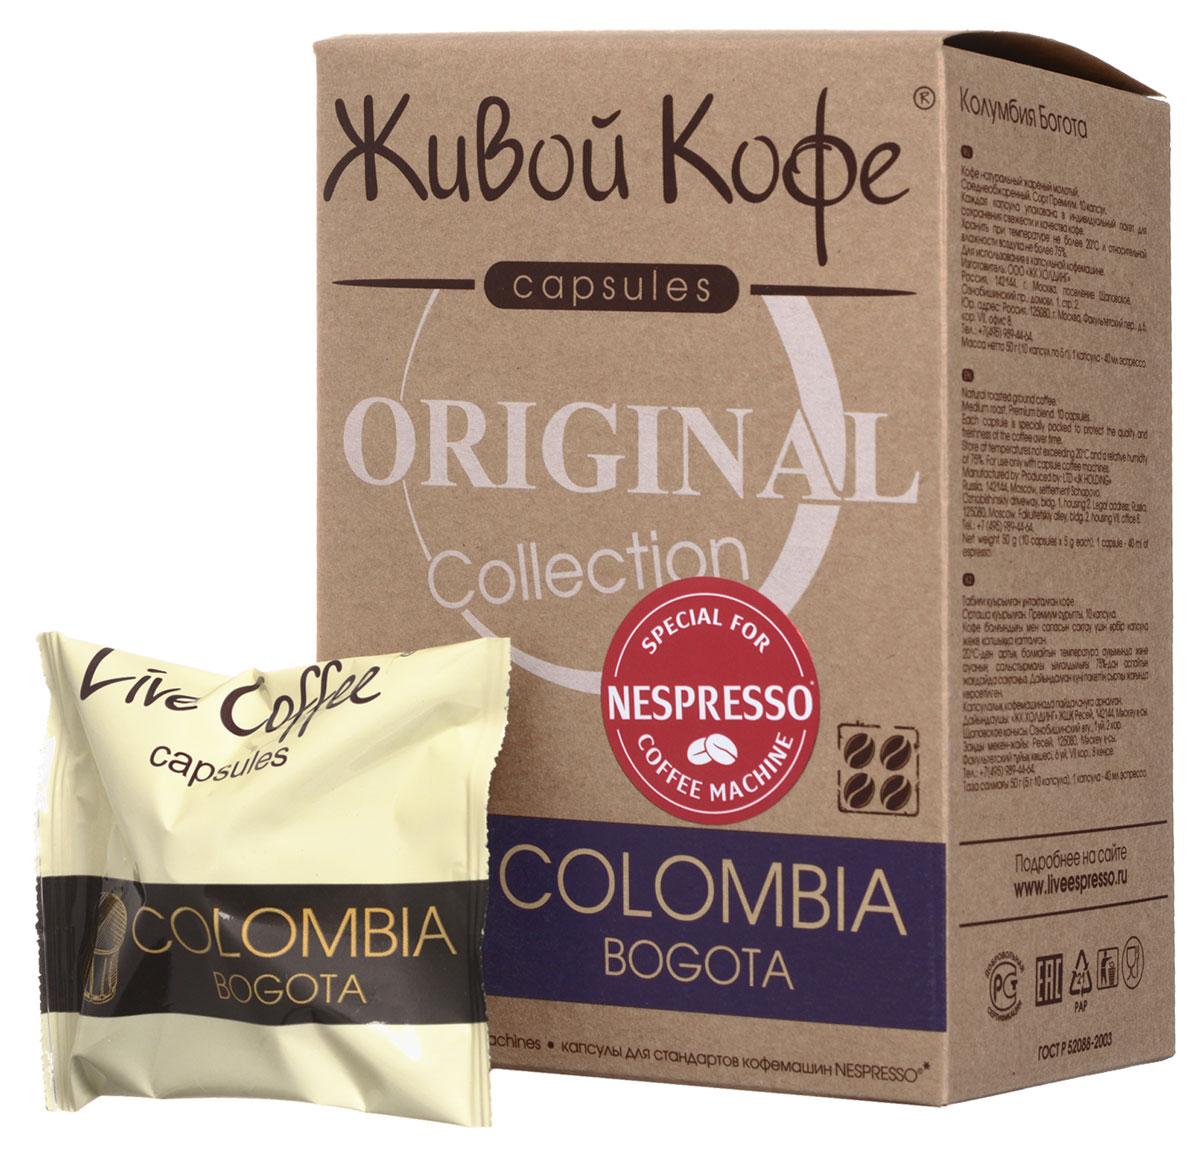 Живой Кофе Colombia Bogota кофе в капсулах (индивидуальная упаковка), 10 шт8003866016507Живой Кофе Colombia Bogota - натуральный молотый кофе средней обжарки в капсулах. Кофейные деревья в Колумбии сажают в тени банановых пальм, тем самым защищая их от латиноамериканского солнца. Вкусовые характеристики: ароматы трав и дыни, приятная горчинка, винные нотки.Каждая капсула упакована в индивидуальный пакет для сохранения свежести и качества кофе. Благодаря авторской технологии обжарки группы компаний Сафари кофе, напиток сохраняет свои уникальные свойства, заложенные самой природой.